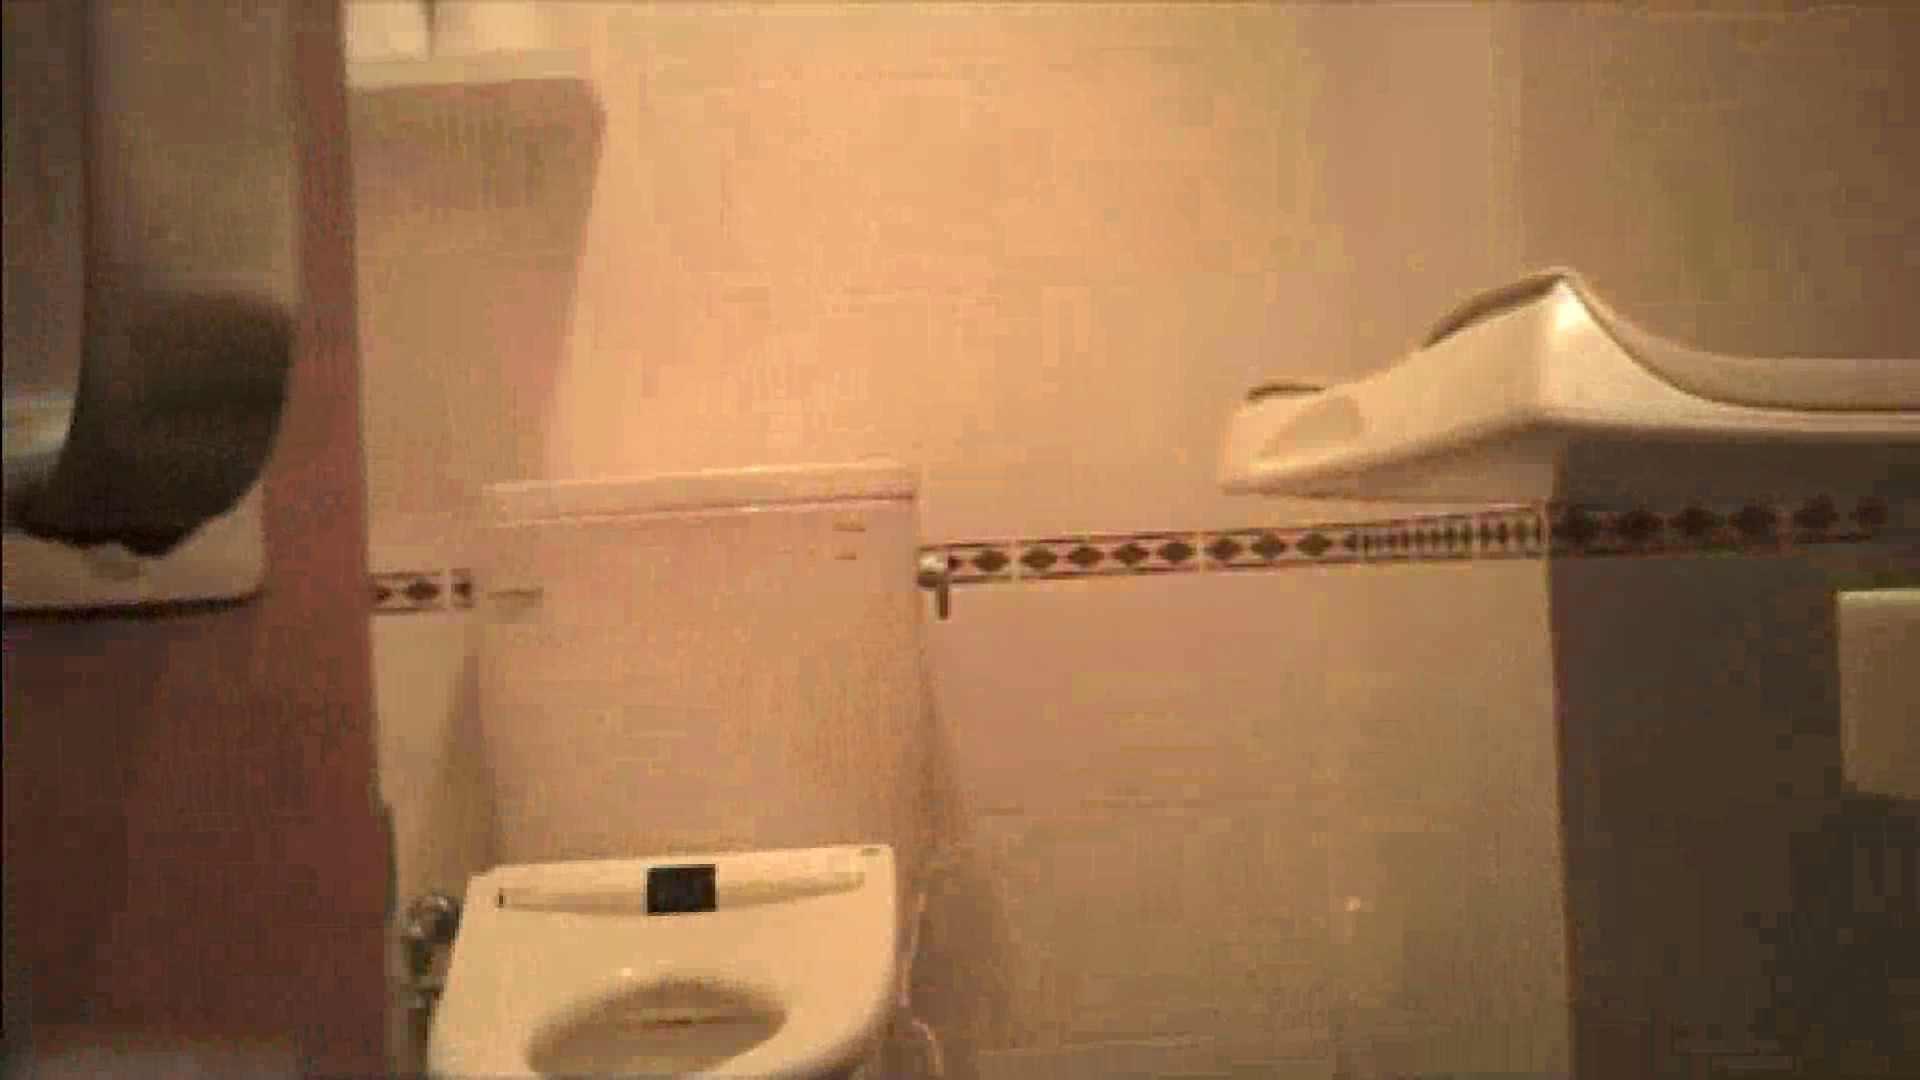 実録!!綺麗なお姉さんのトイレ事情・・・。vol.17 お姉さんのエッチ | うんこ  80PIX 64